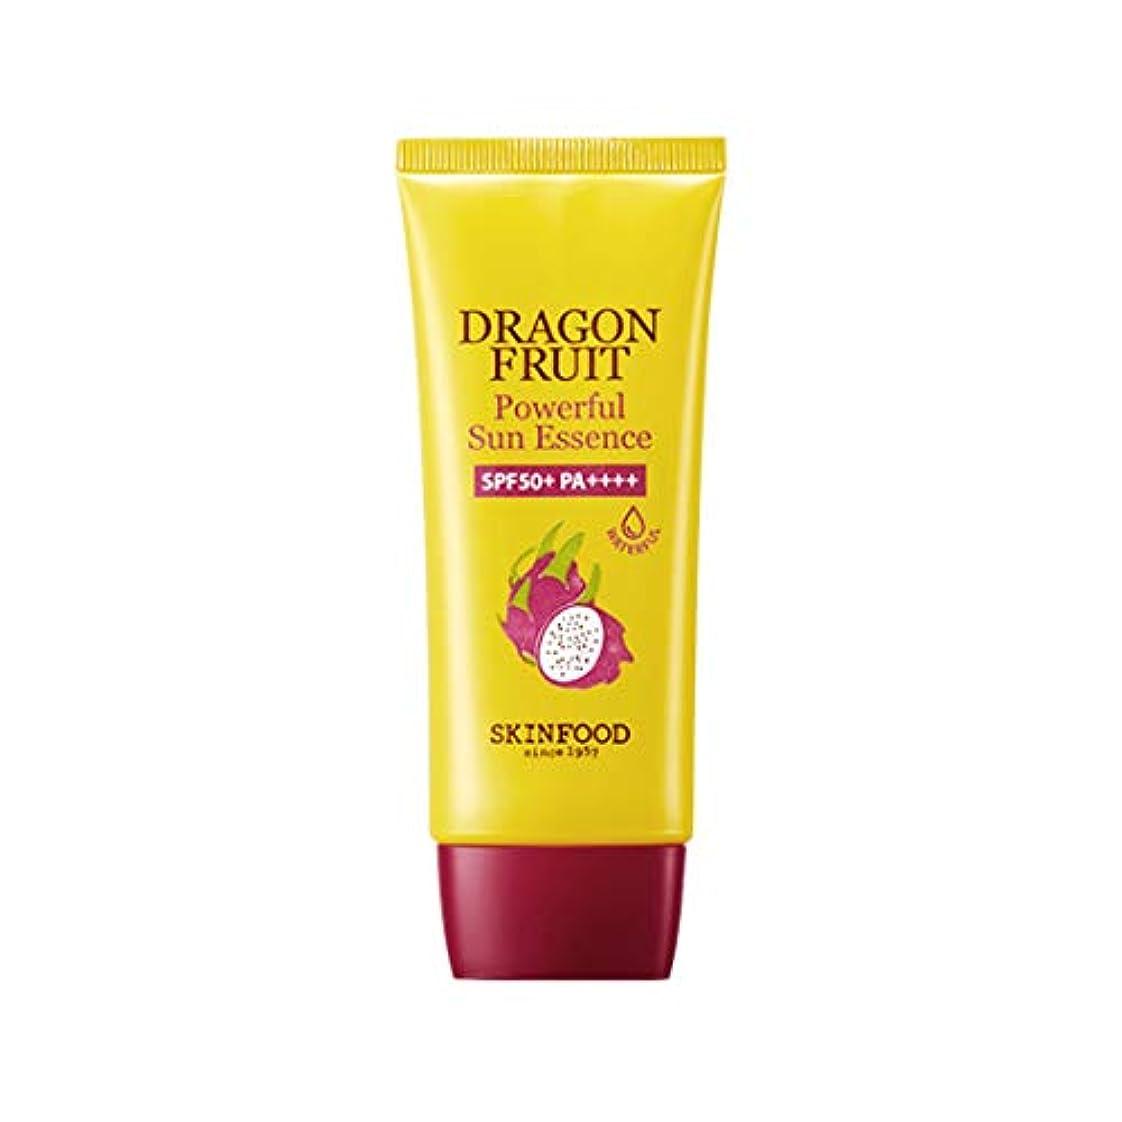 不注意青写真水差しSkinfood ドラゴンフルーツパワフルサンエッセンスSPF50 + PA +++ / Dragon Fruit Powerful Sun Essence SPF50+ PA+++ 50ml [並行輸入品]